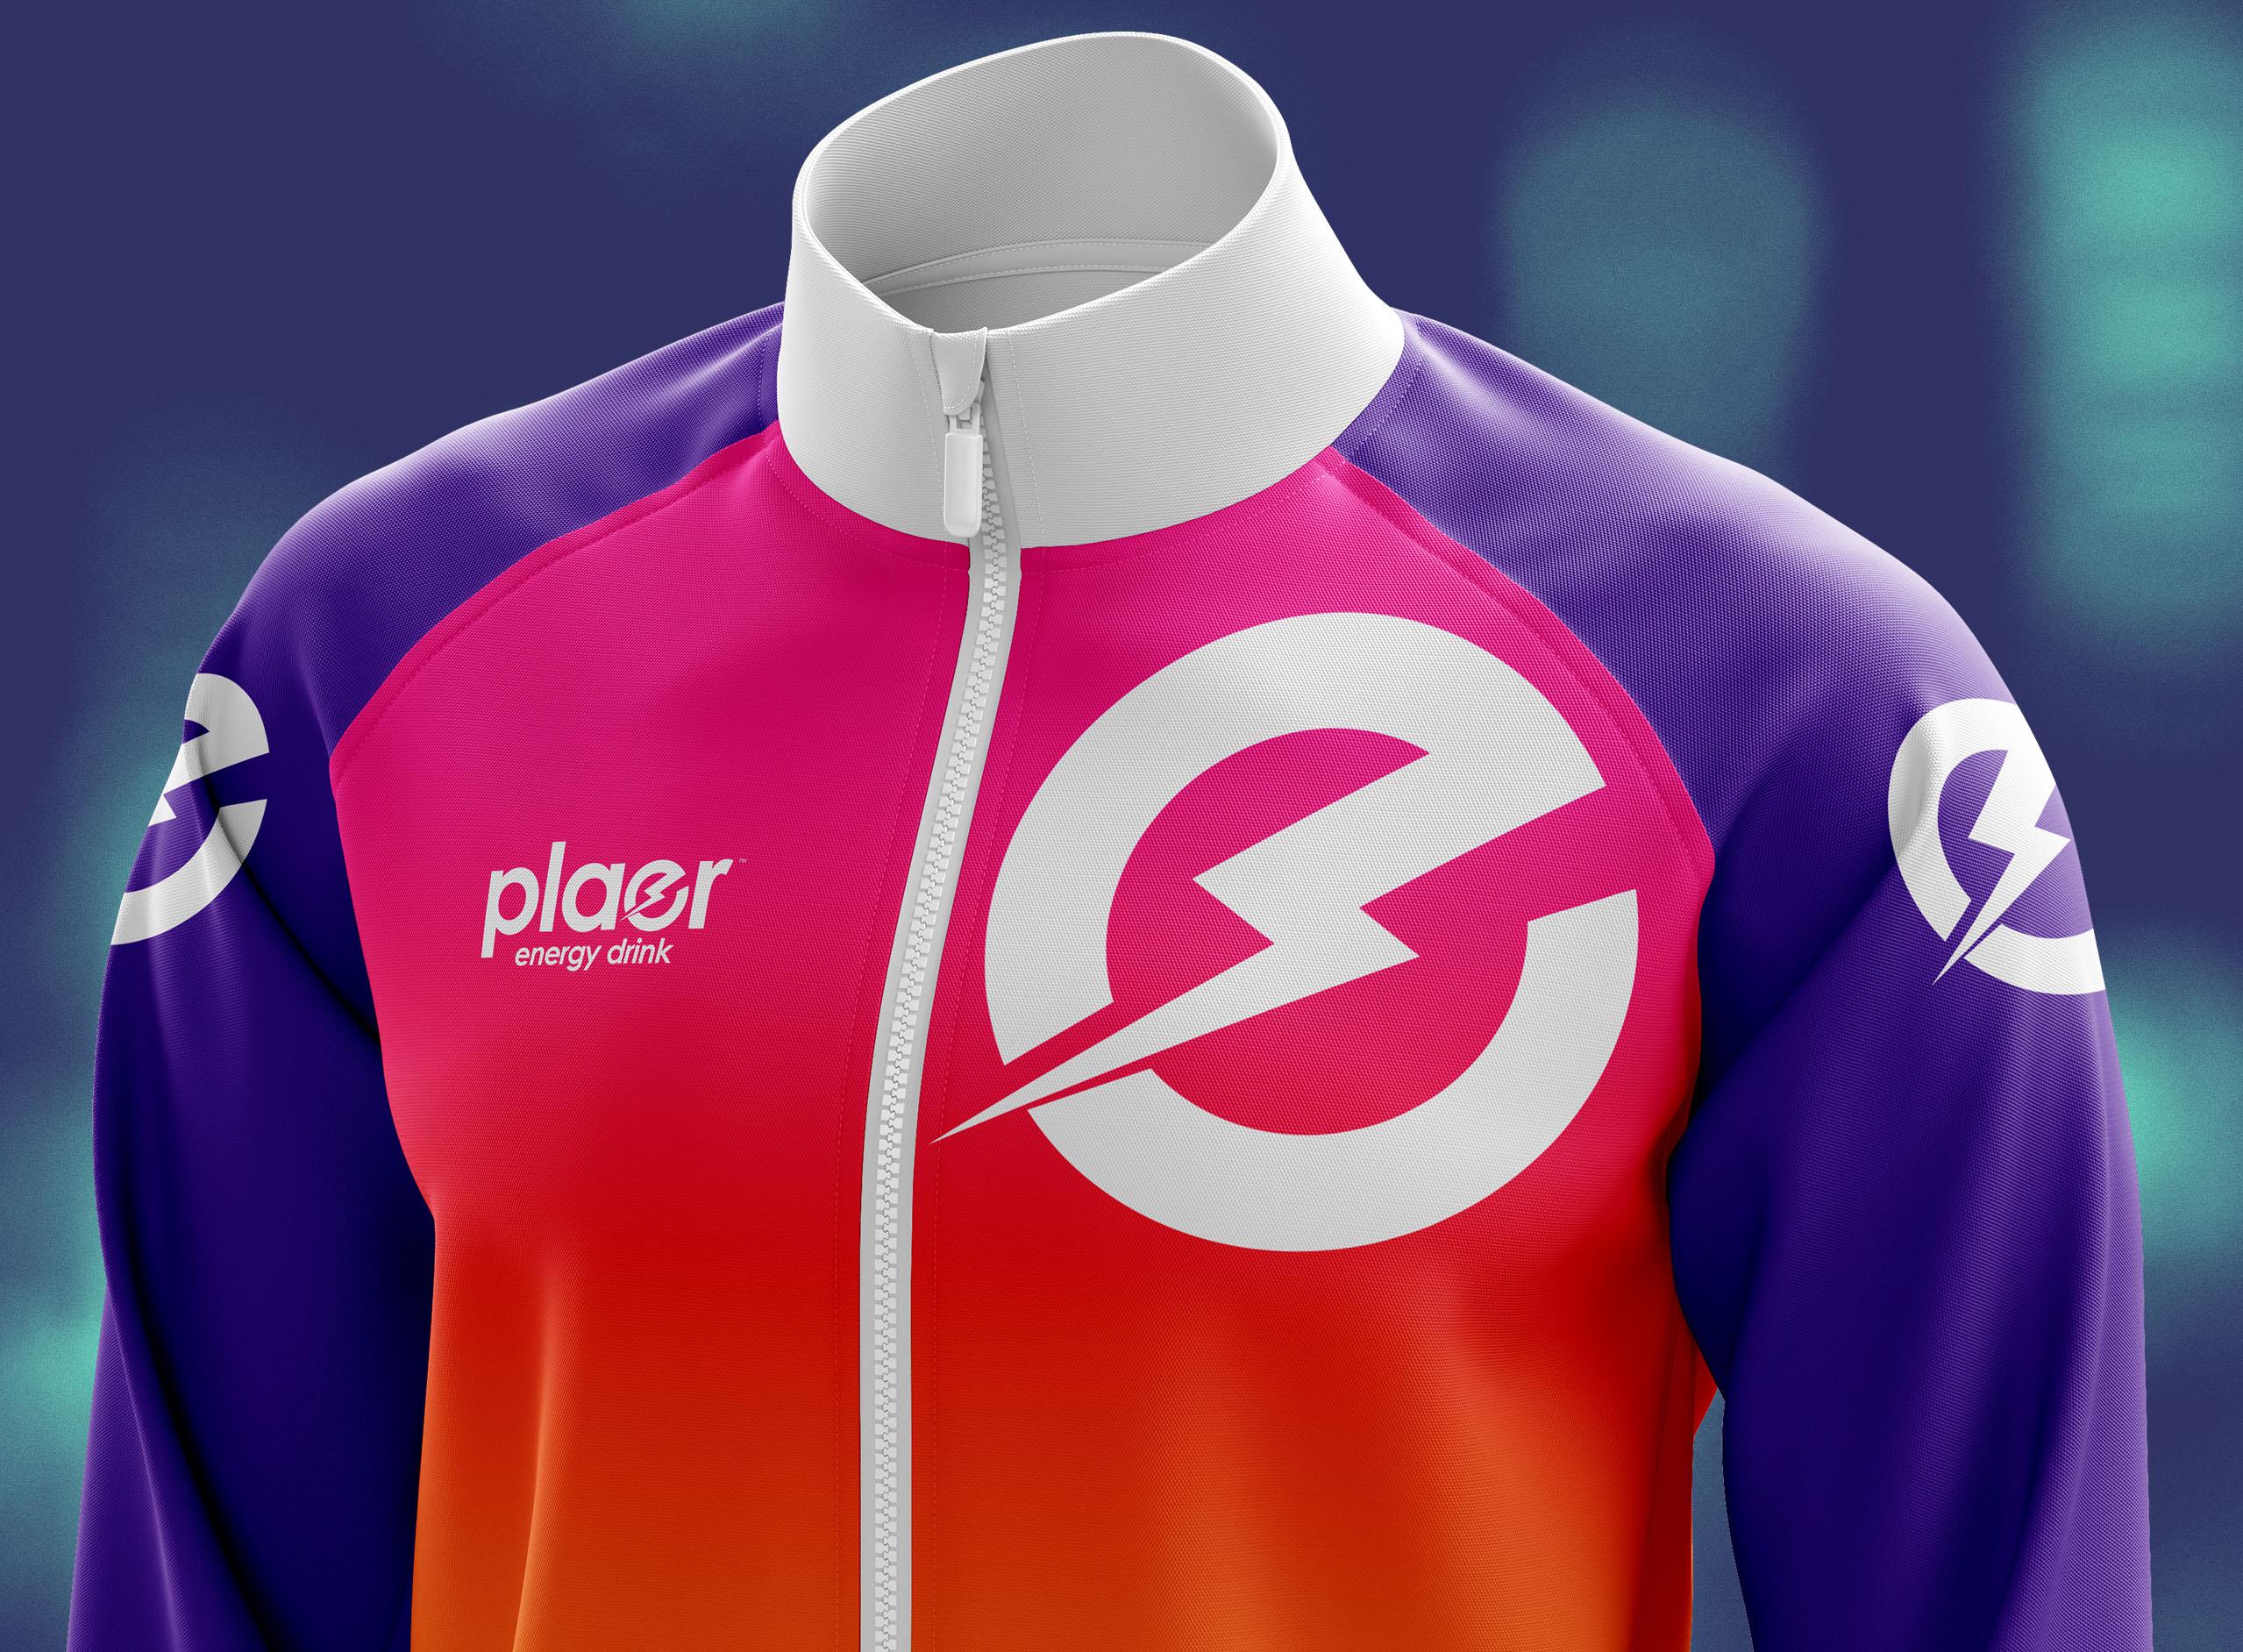 plaer-jacket-3